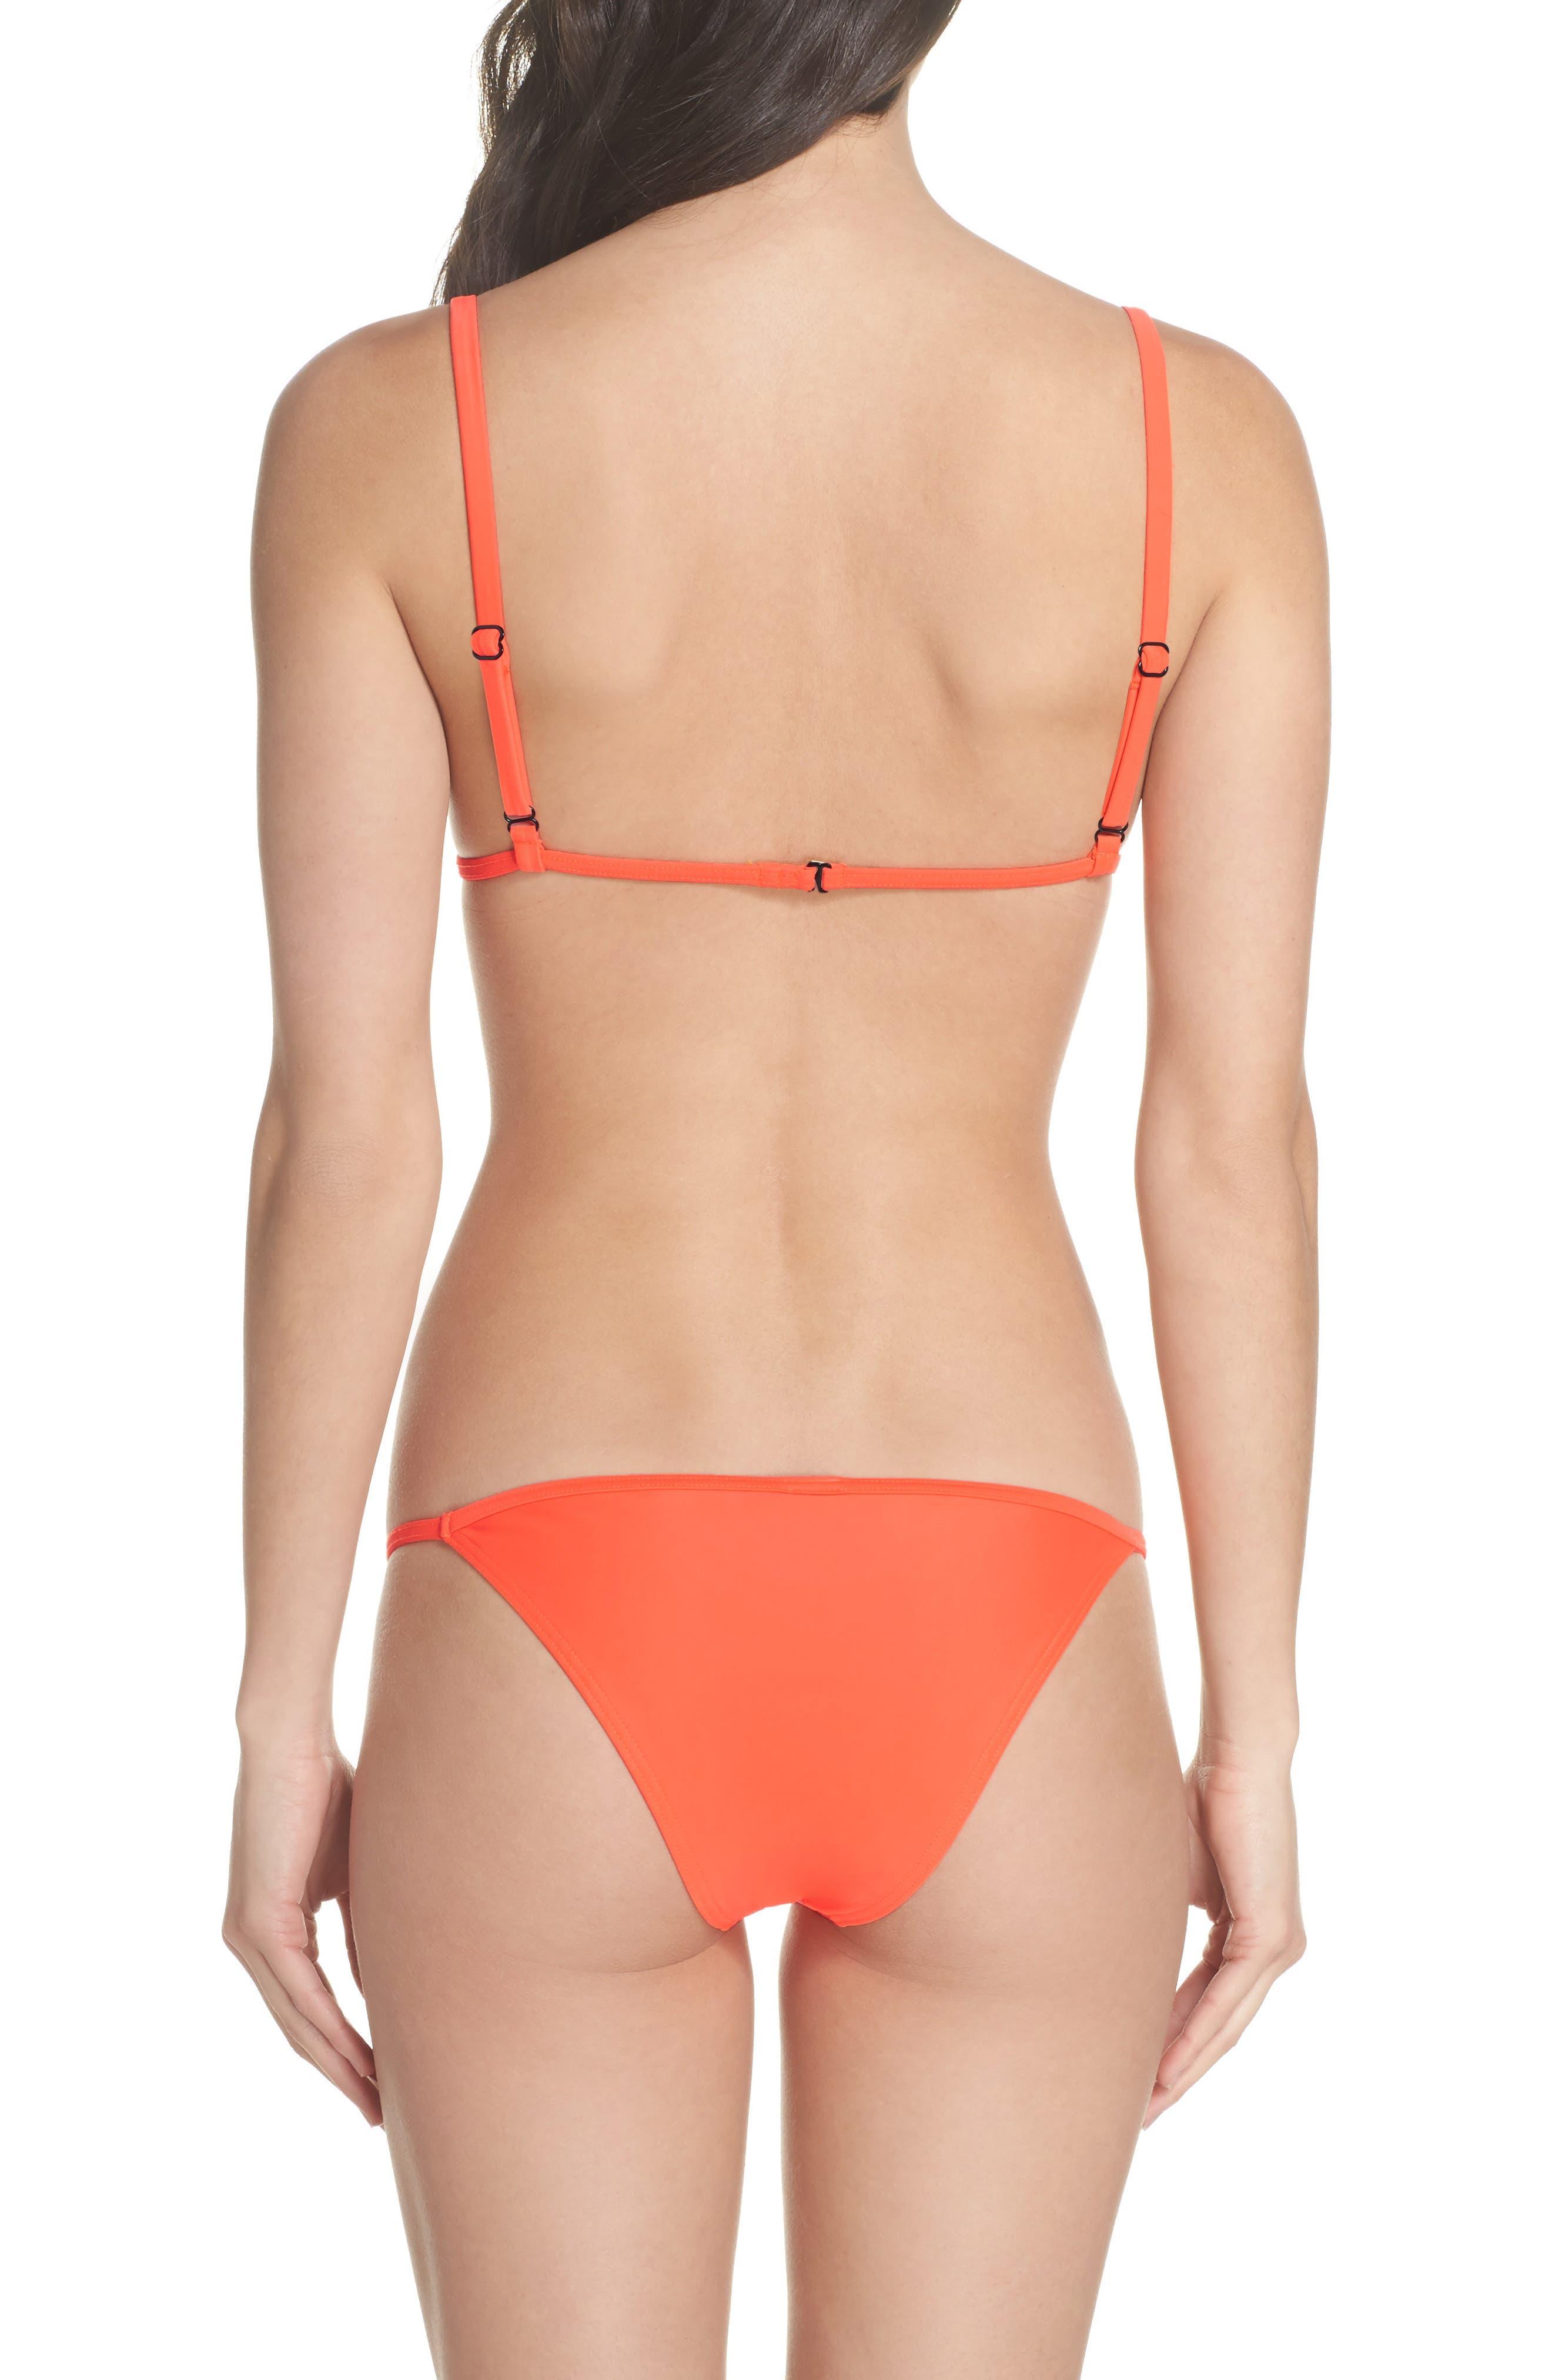 Skim Bikini Top,                             Alternate thumbnail 8, color,                             800